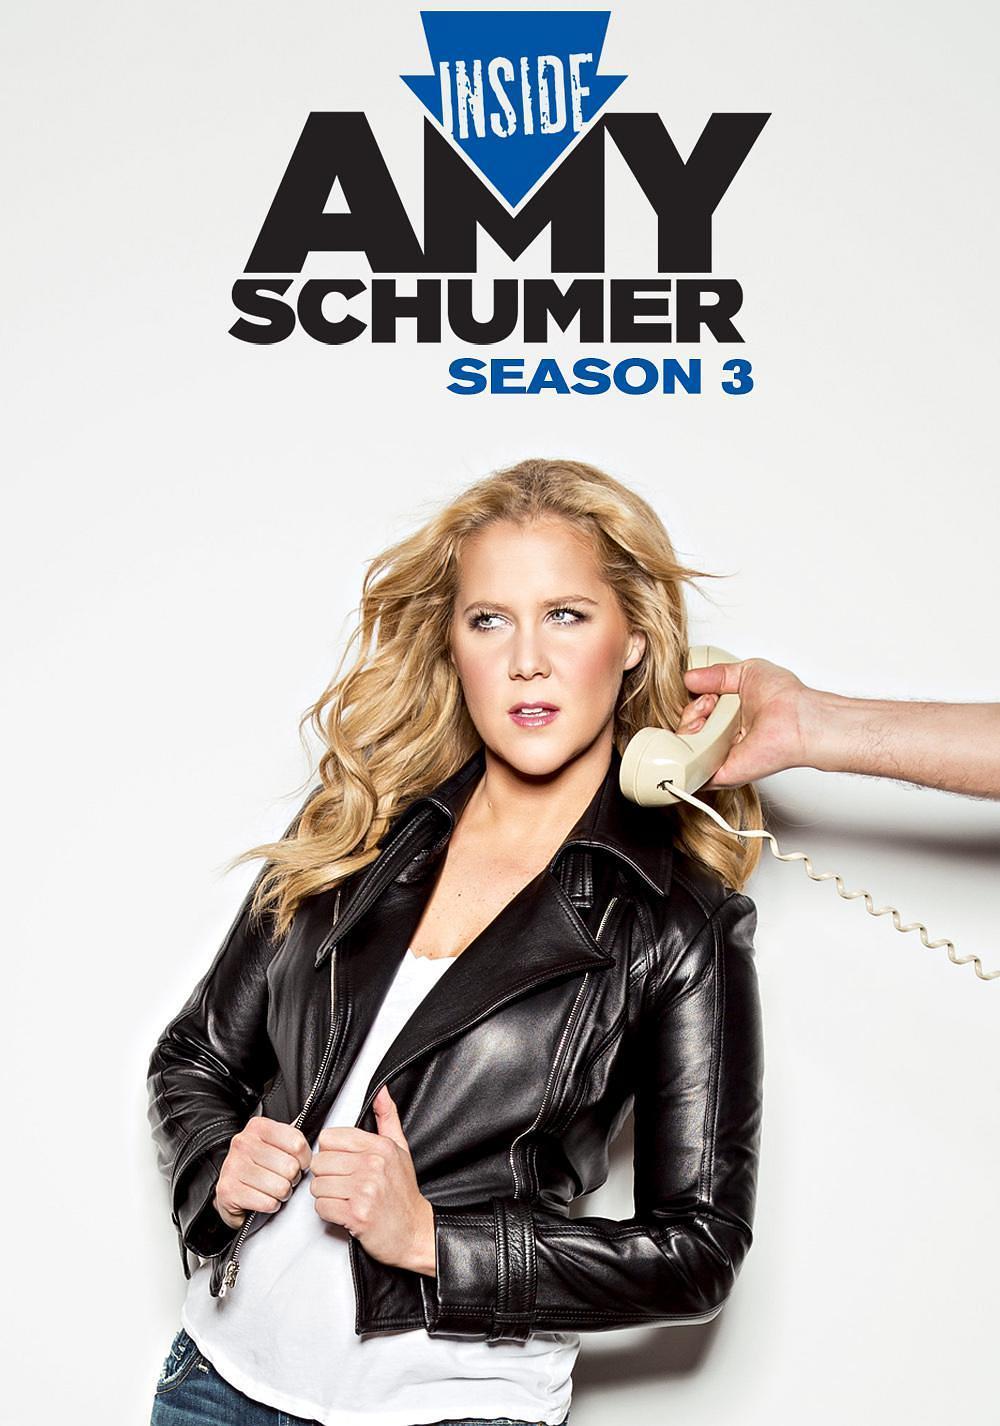 艾米·舒默的内心世界 第三季